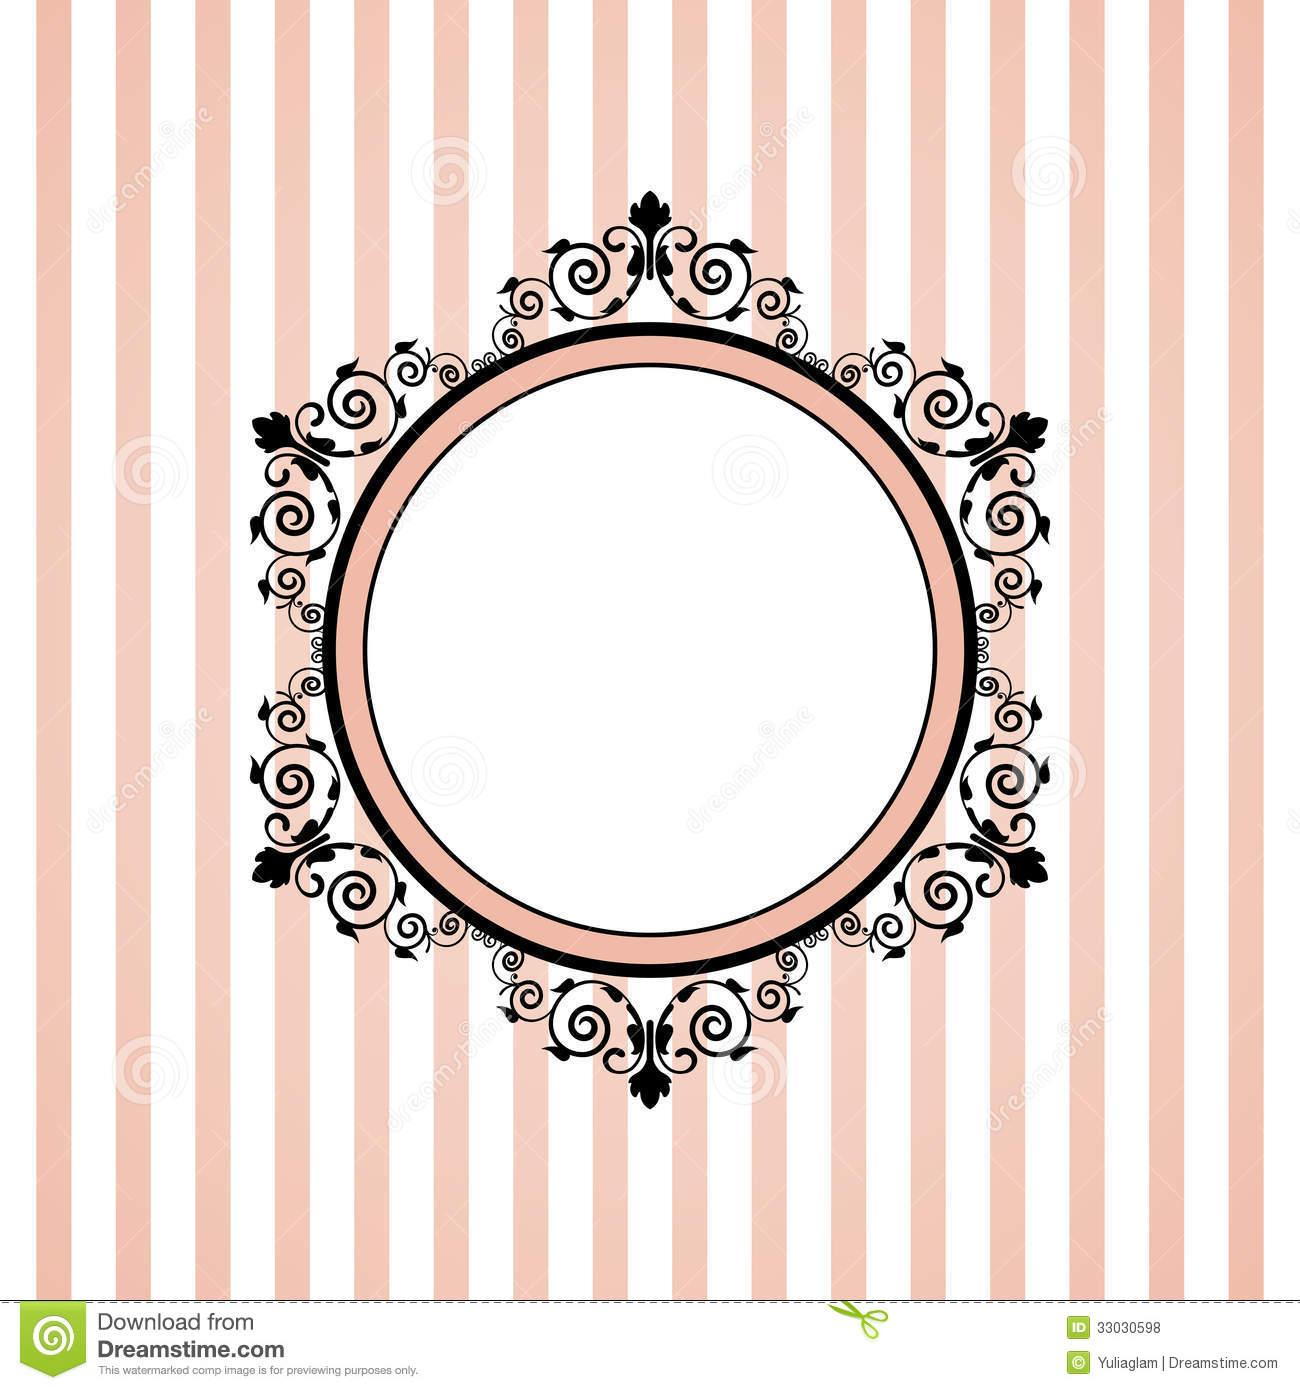 Stripe clipart frame #12